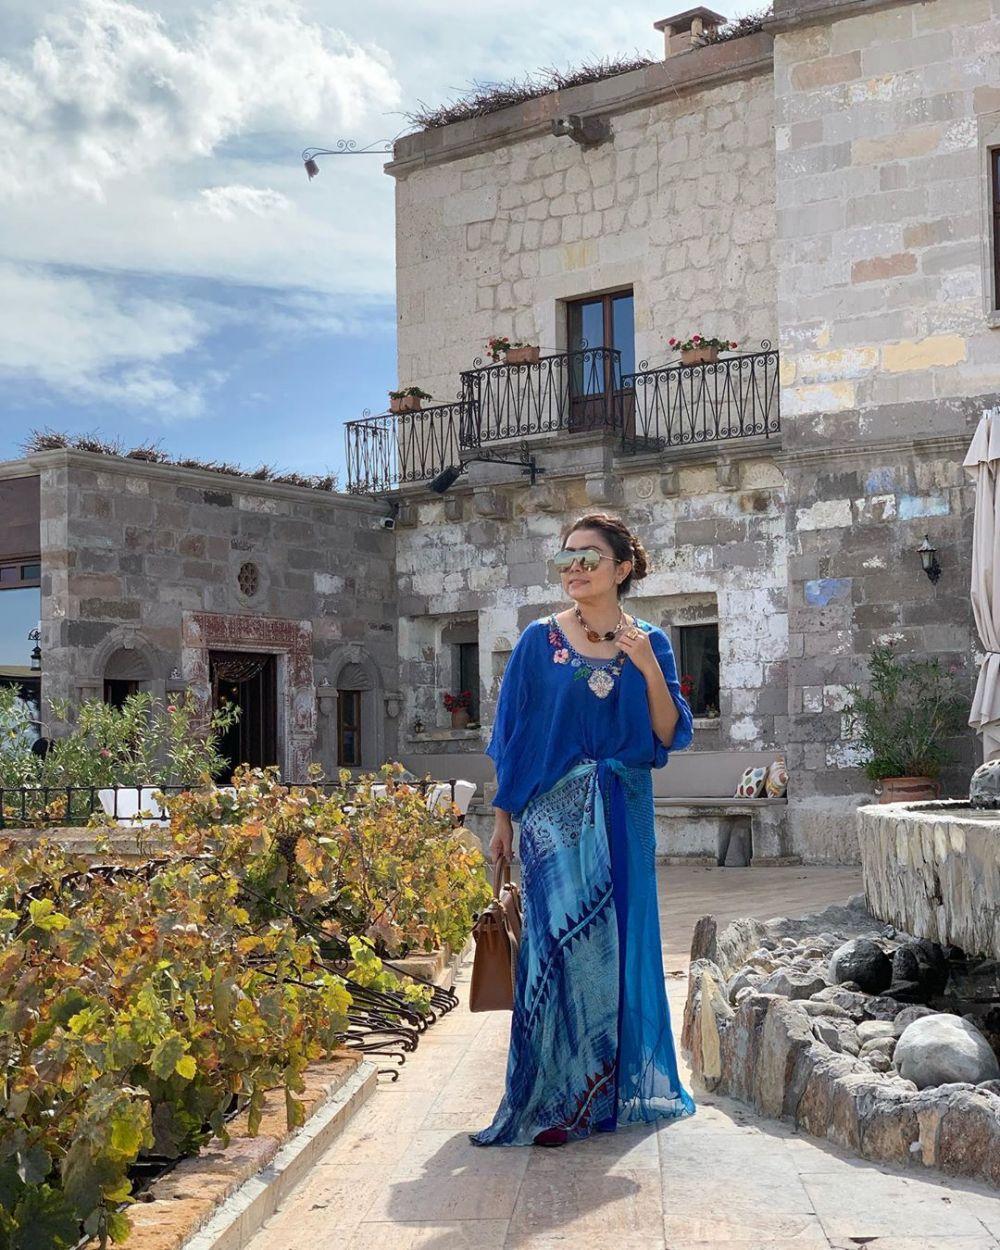 Gaya liburan Mayangsari ke Turki Instagram